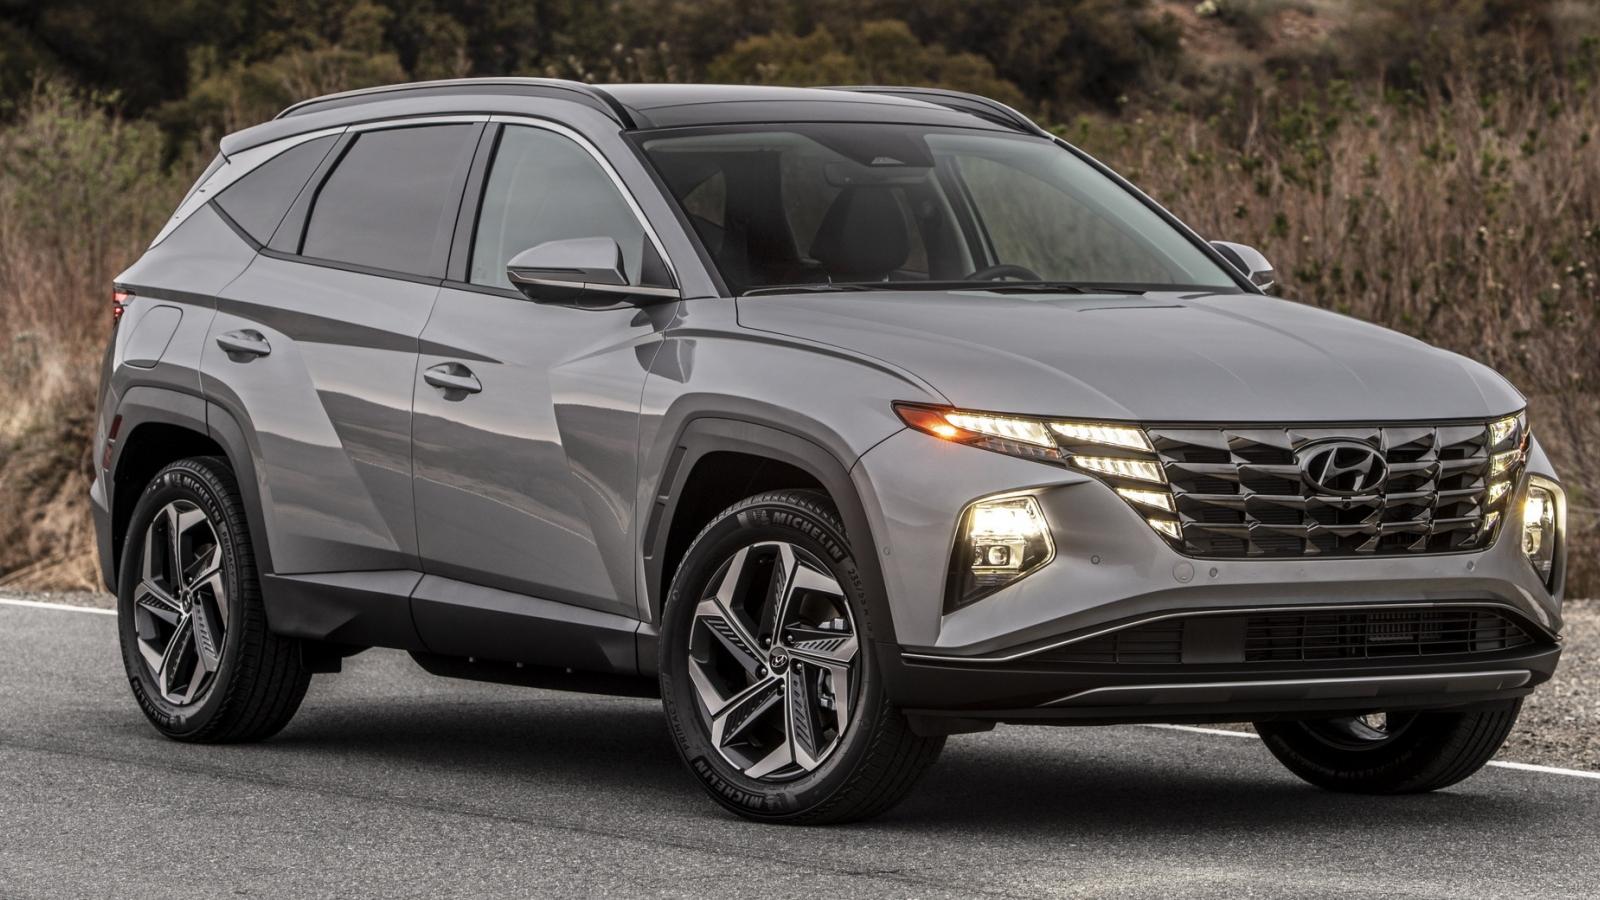 Lợi nhuận quý I của Hyundai đạt mức cao nhất trong 4 năm